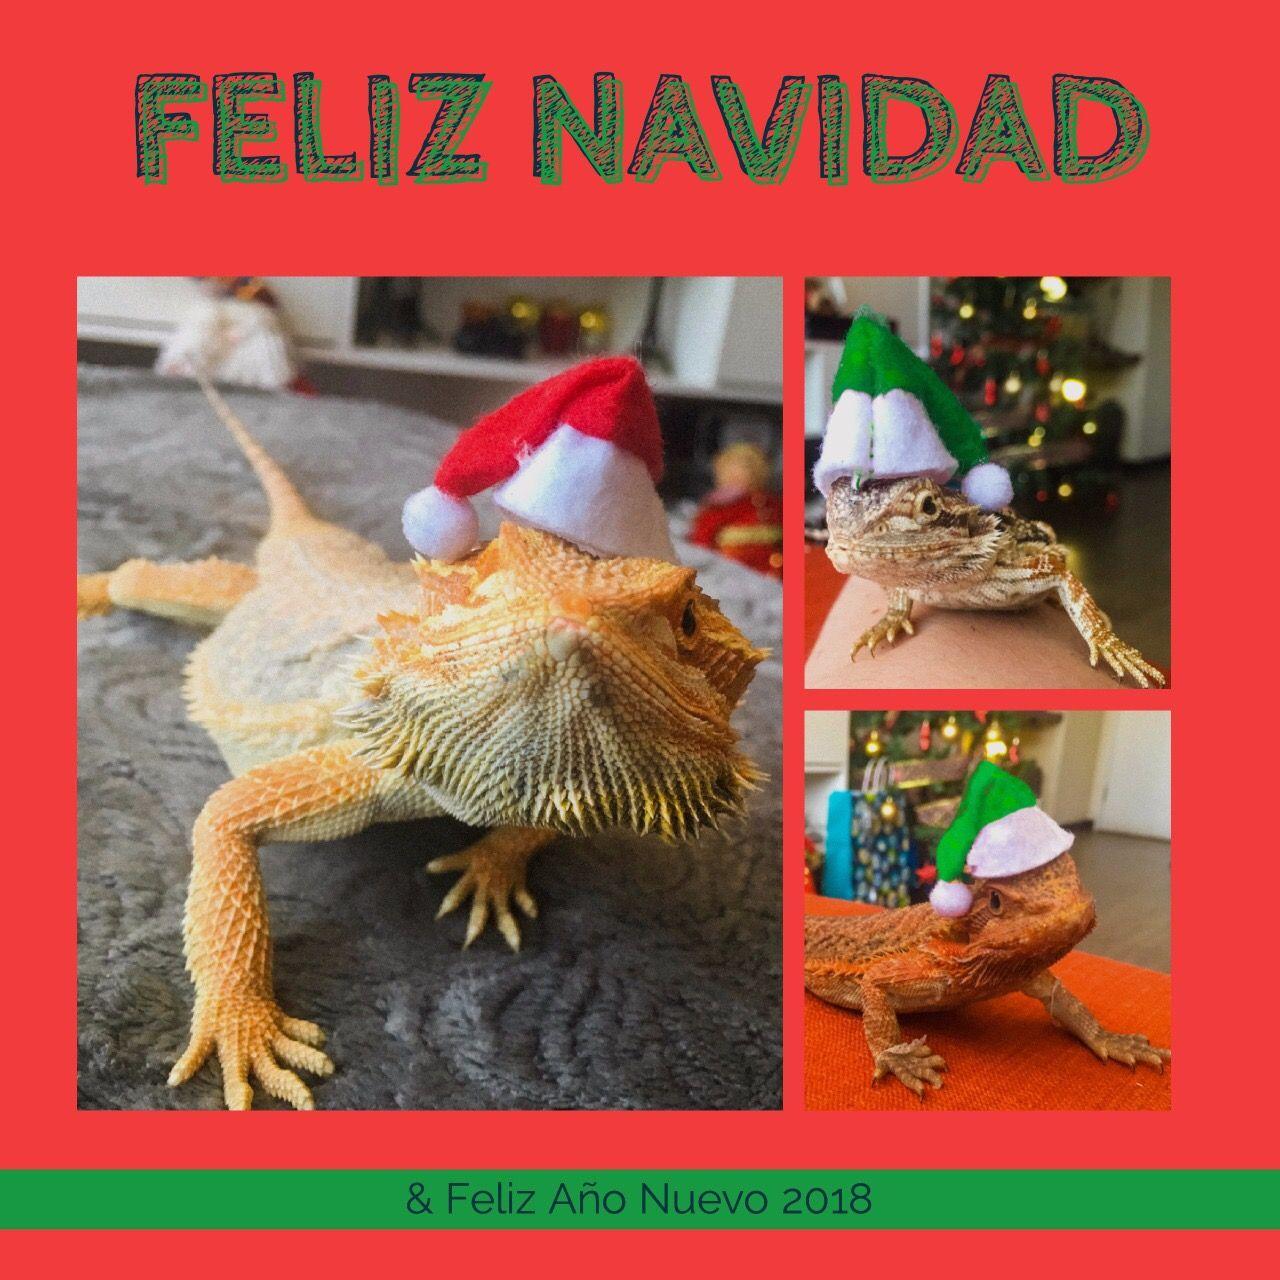 Dragon barbudos navidad   Dragón barbudo   Pinterest   Dragones y ...